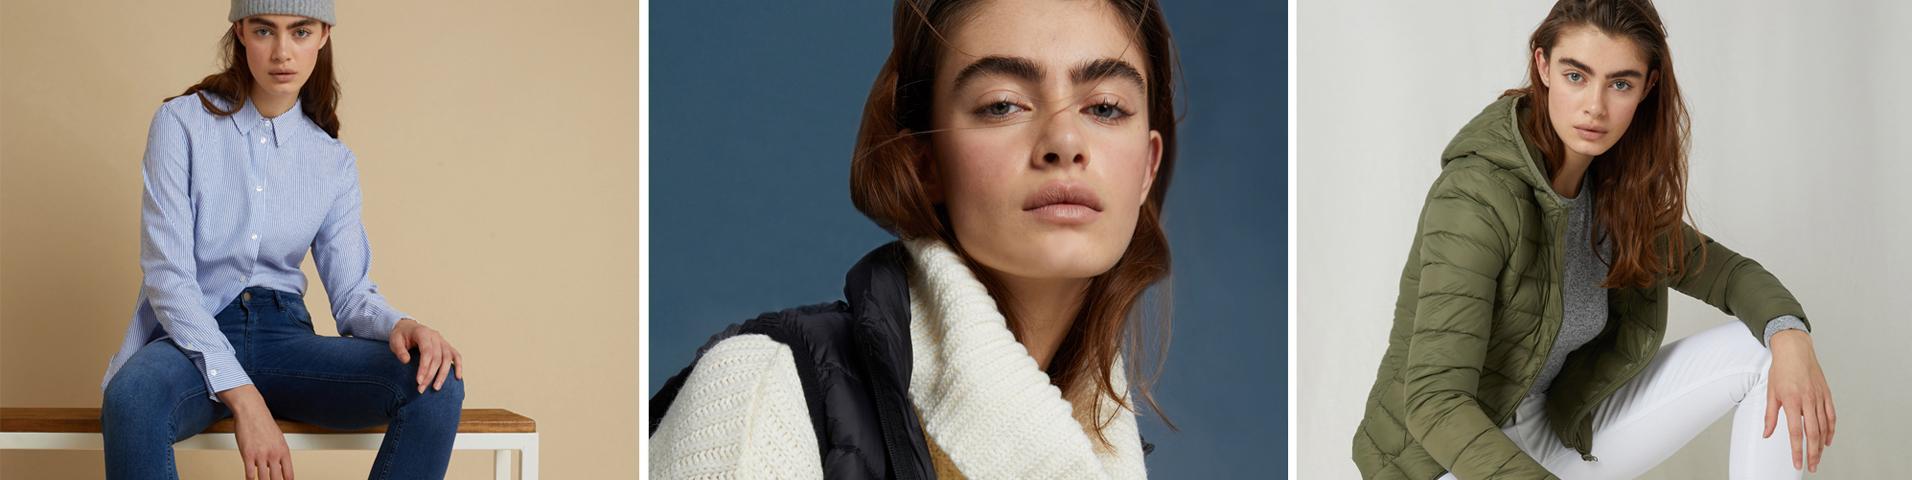 Zalando Essentials Mantel Für Damen Als Must Have Im Kleiderschrank